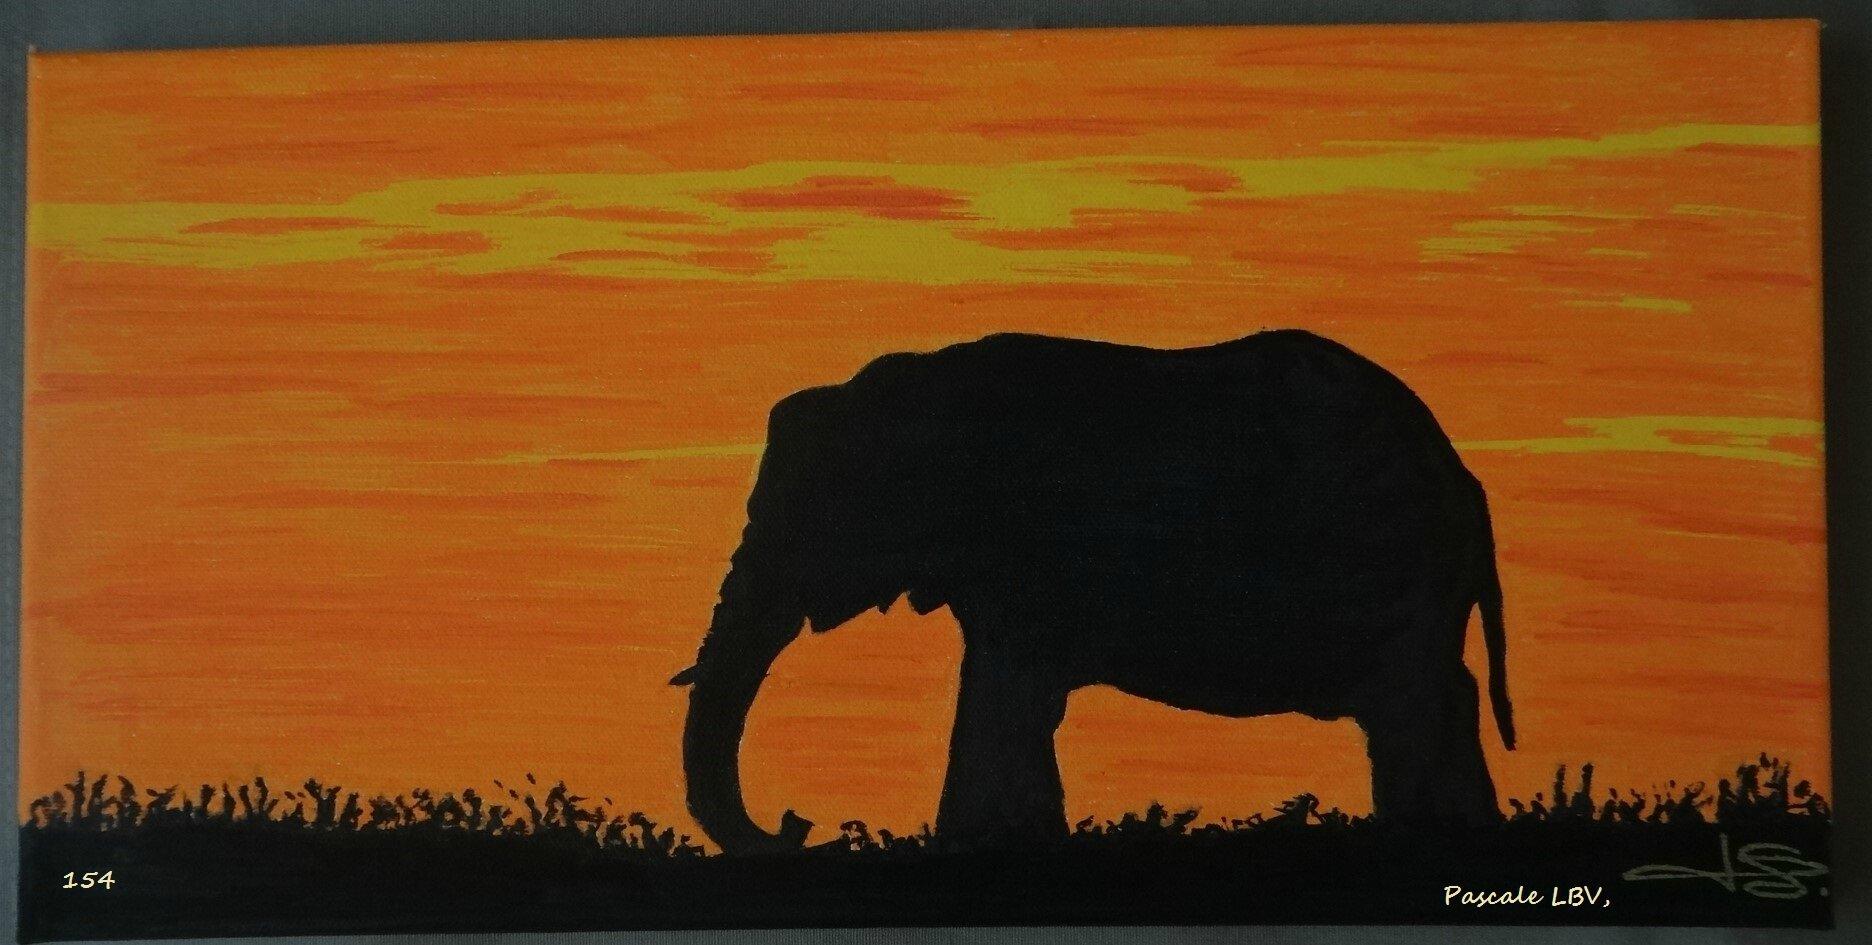 154 Elephant au coucher de soleil - N'EST PLUS DISPONIBLE